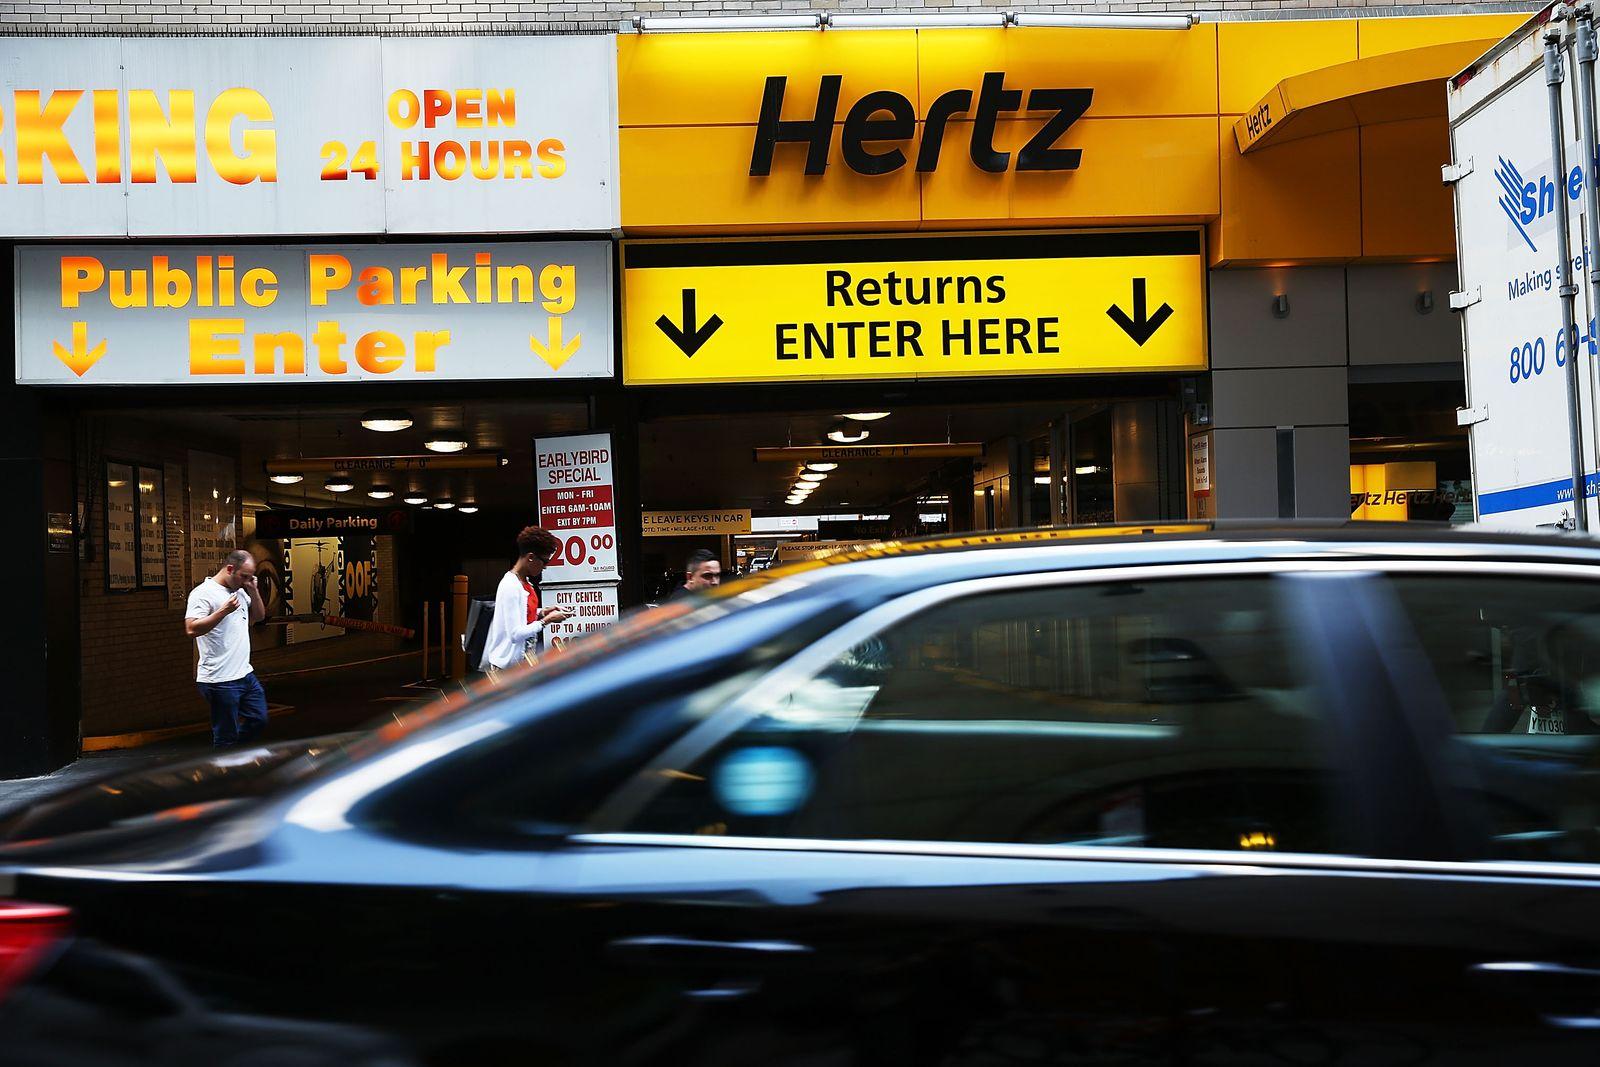 Hertz Autovermietung in Manhatten, New York